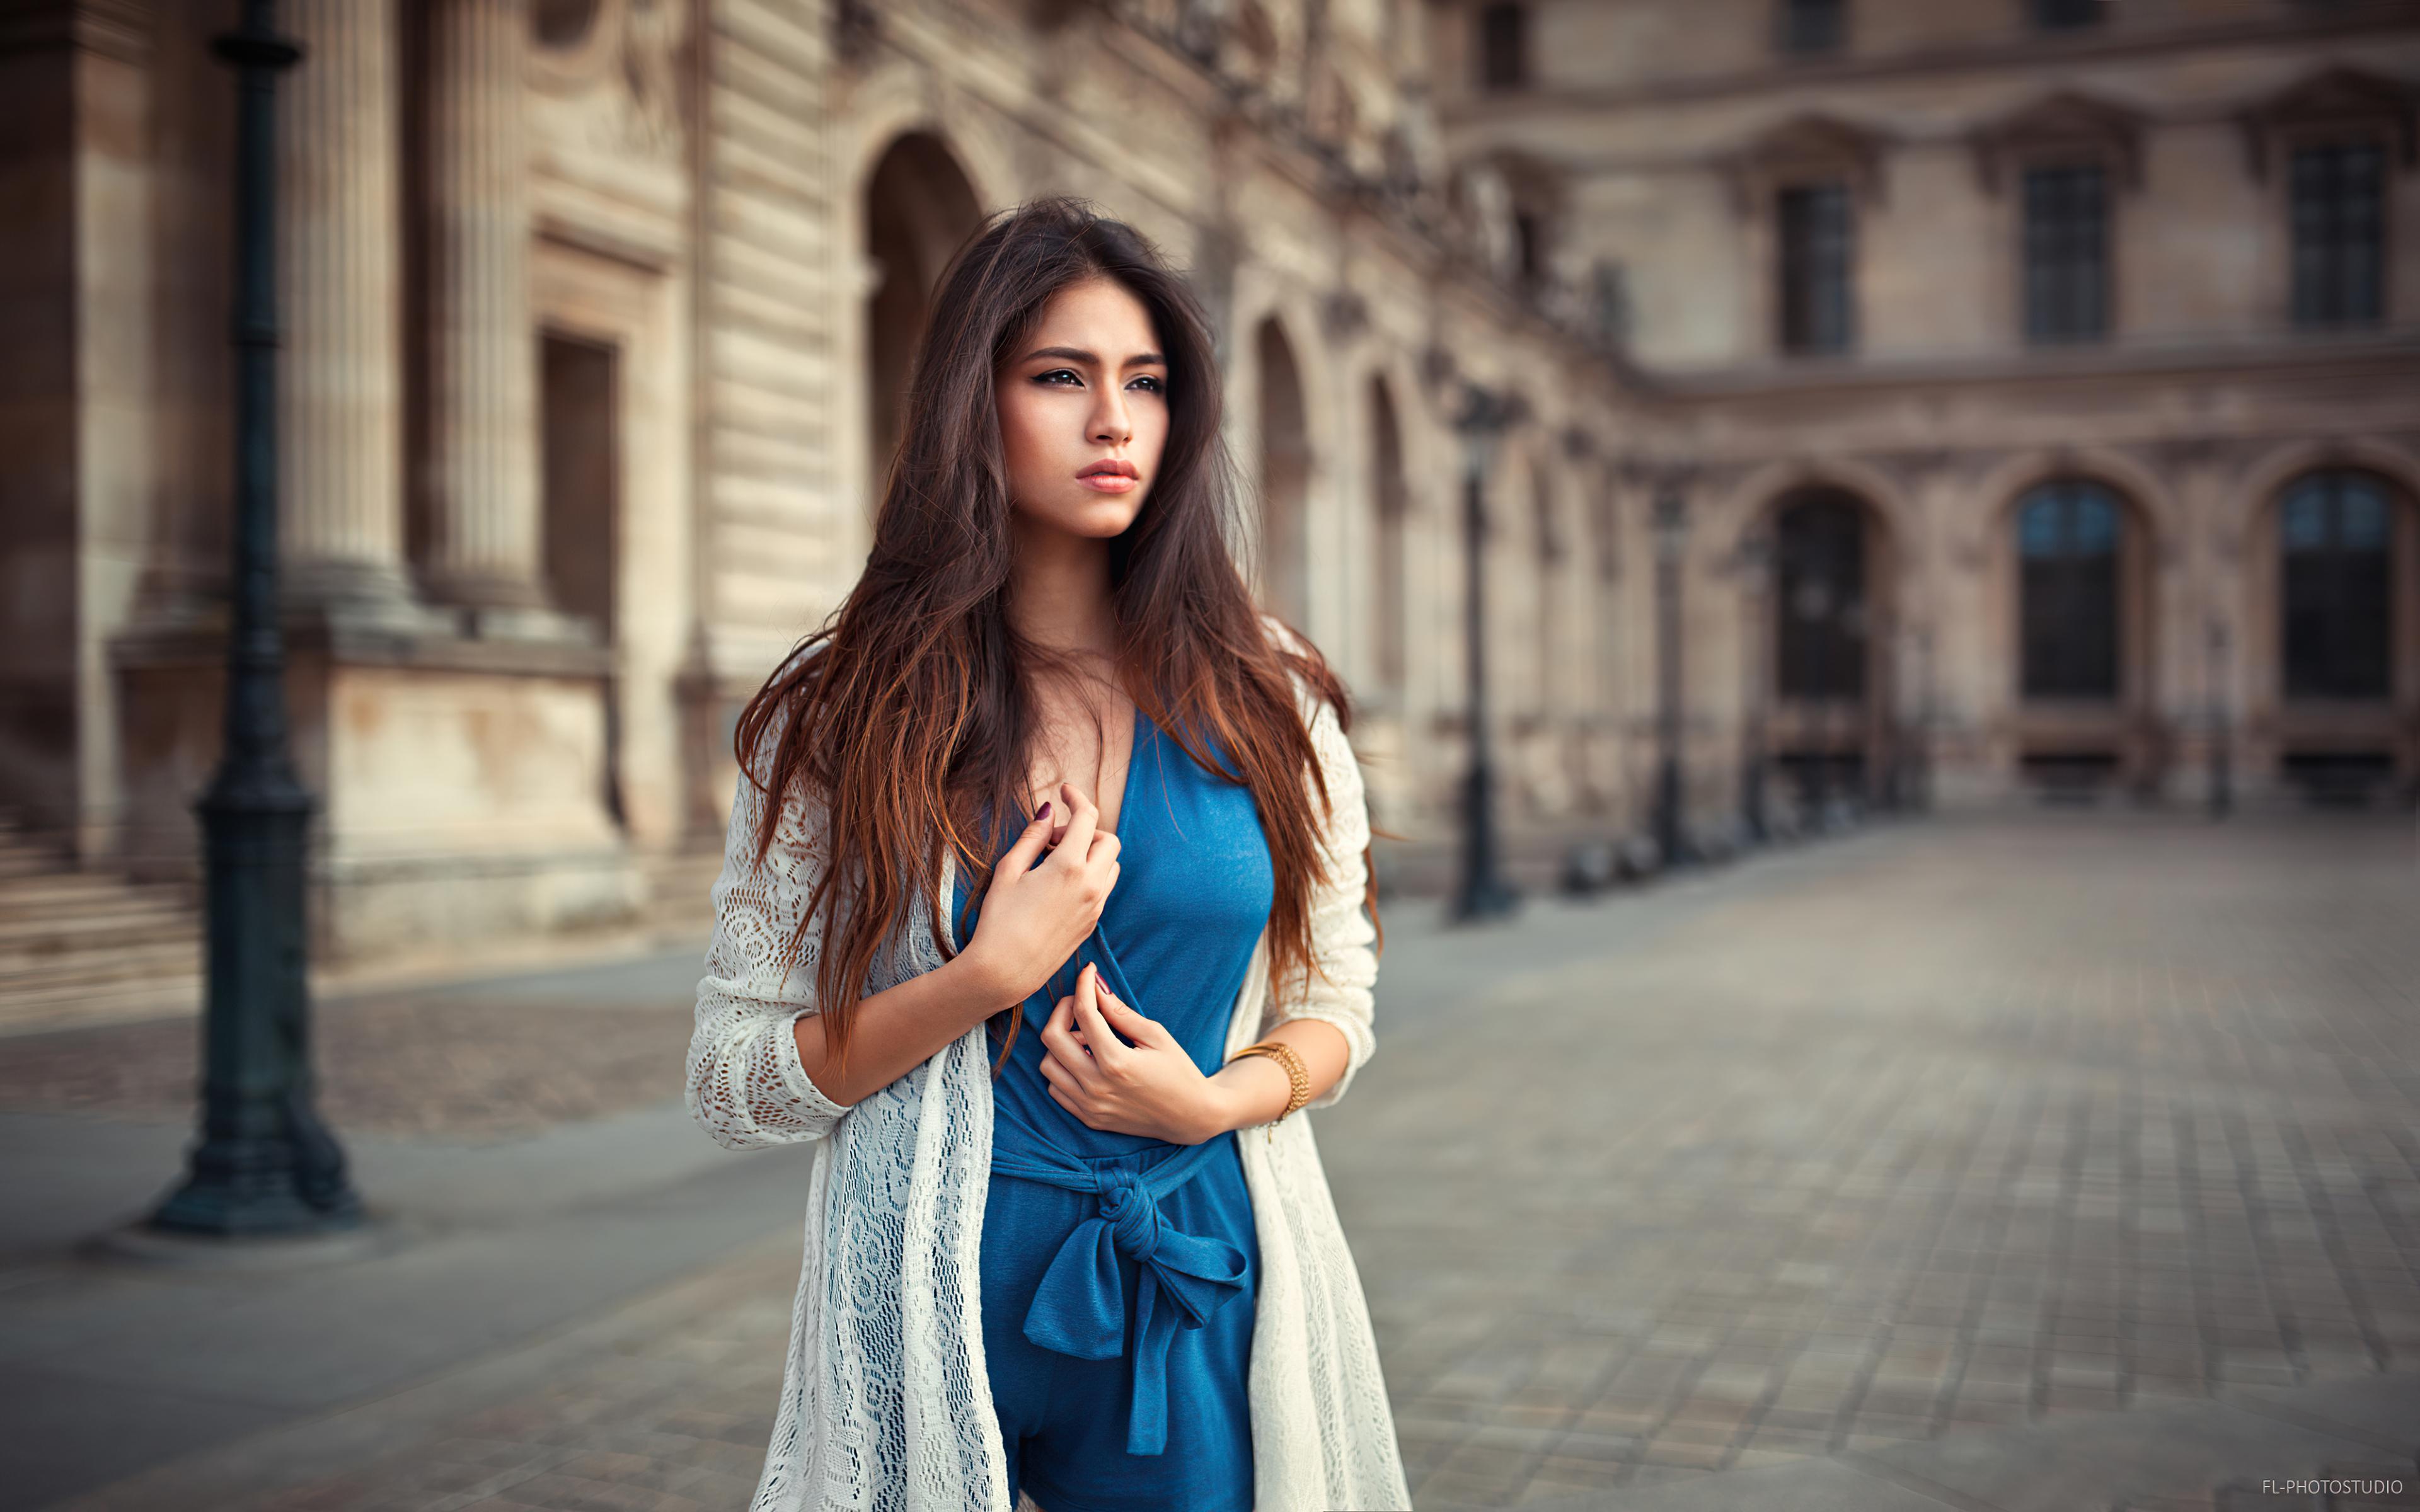 women looking away blue dress 4k 1596916333 - Women Looking Away Blue Dress 4k -